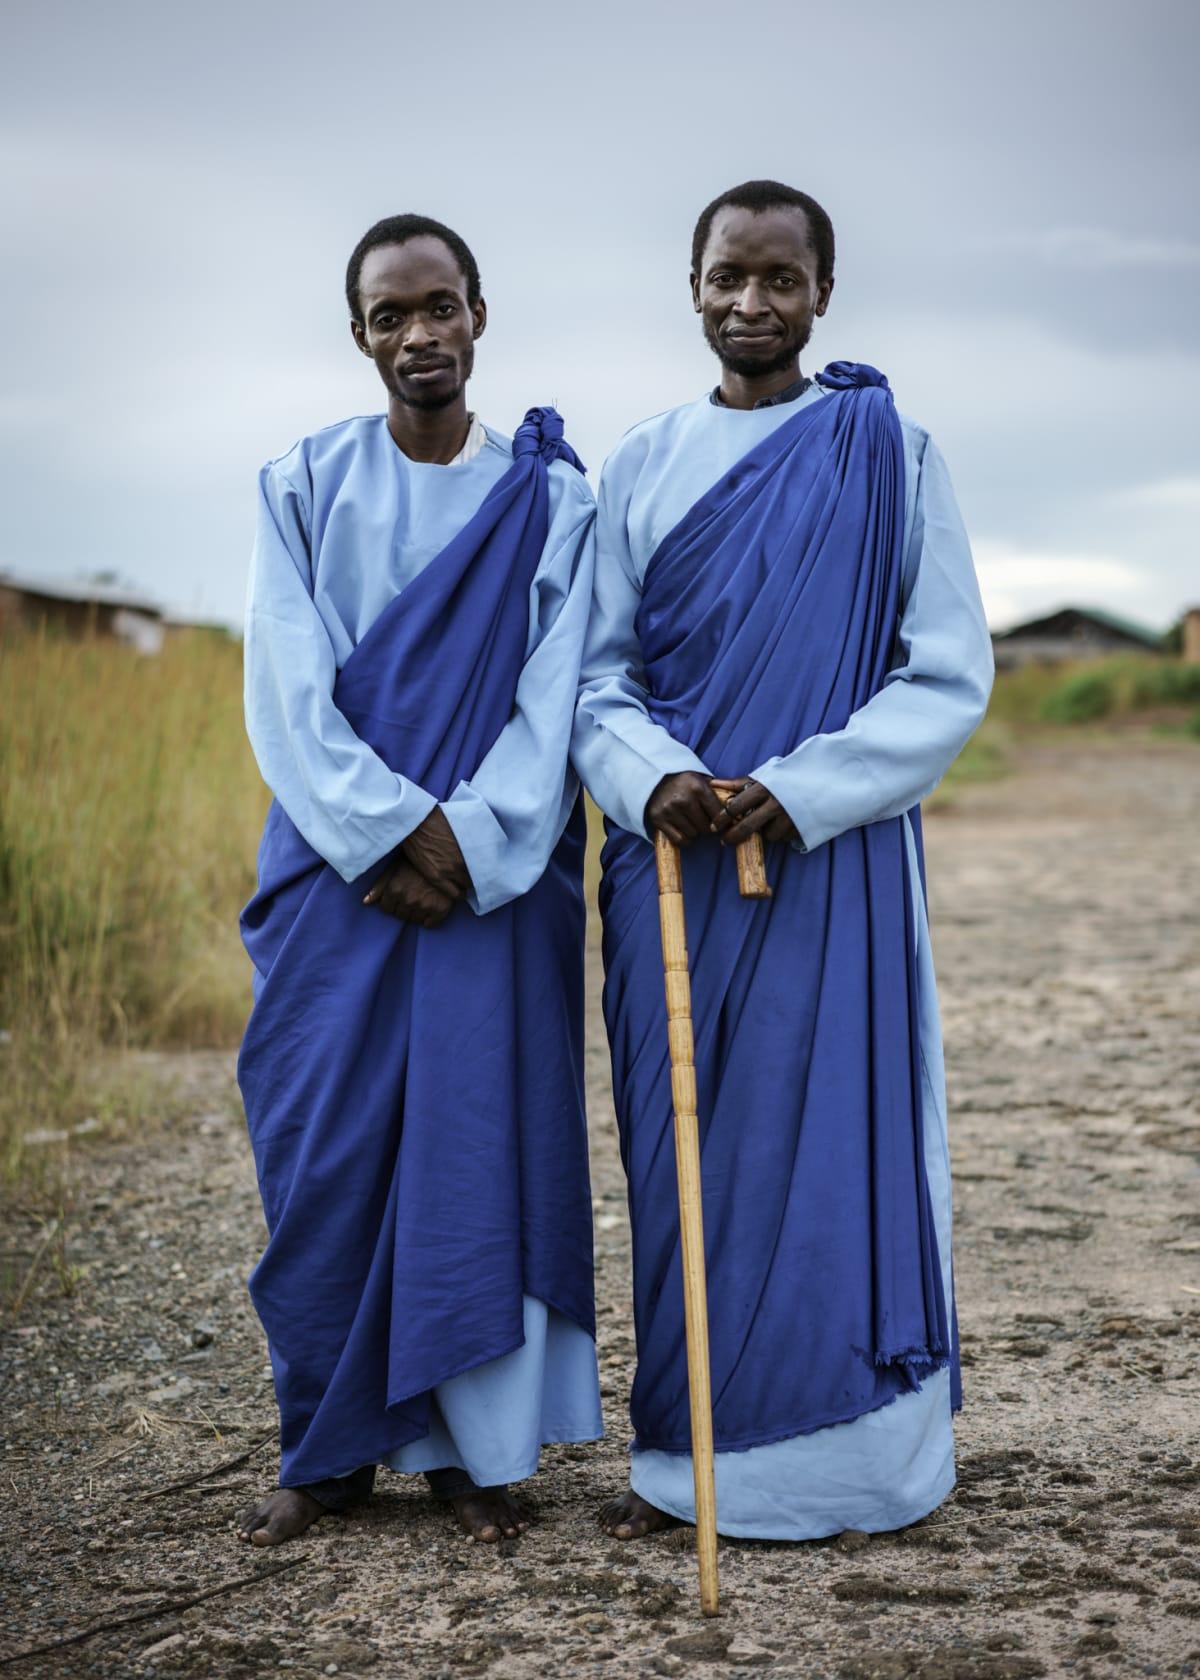 Jonas Bendiksen, Disciples Chibwe and Nkumbusko, Zambia, 2016